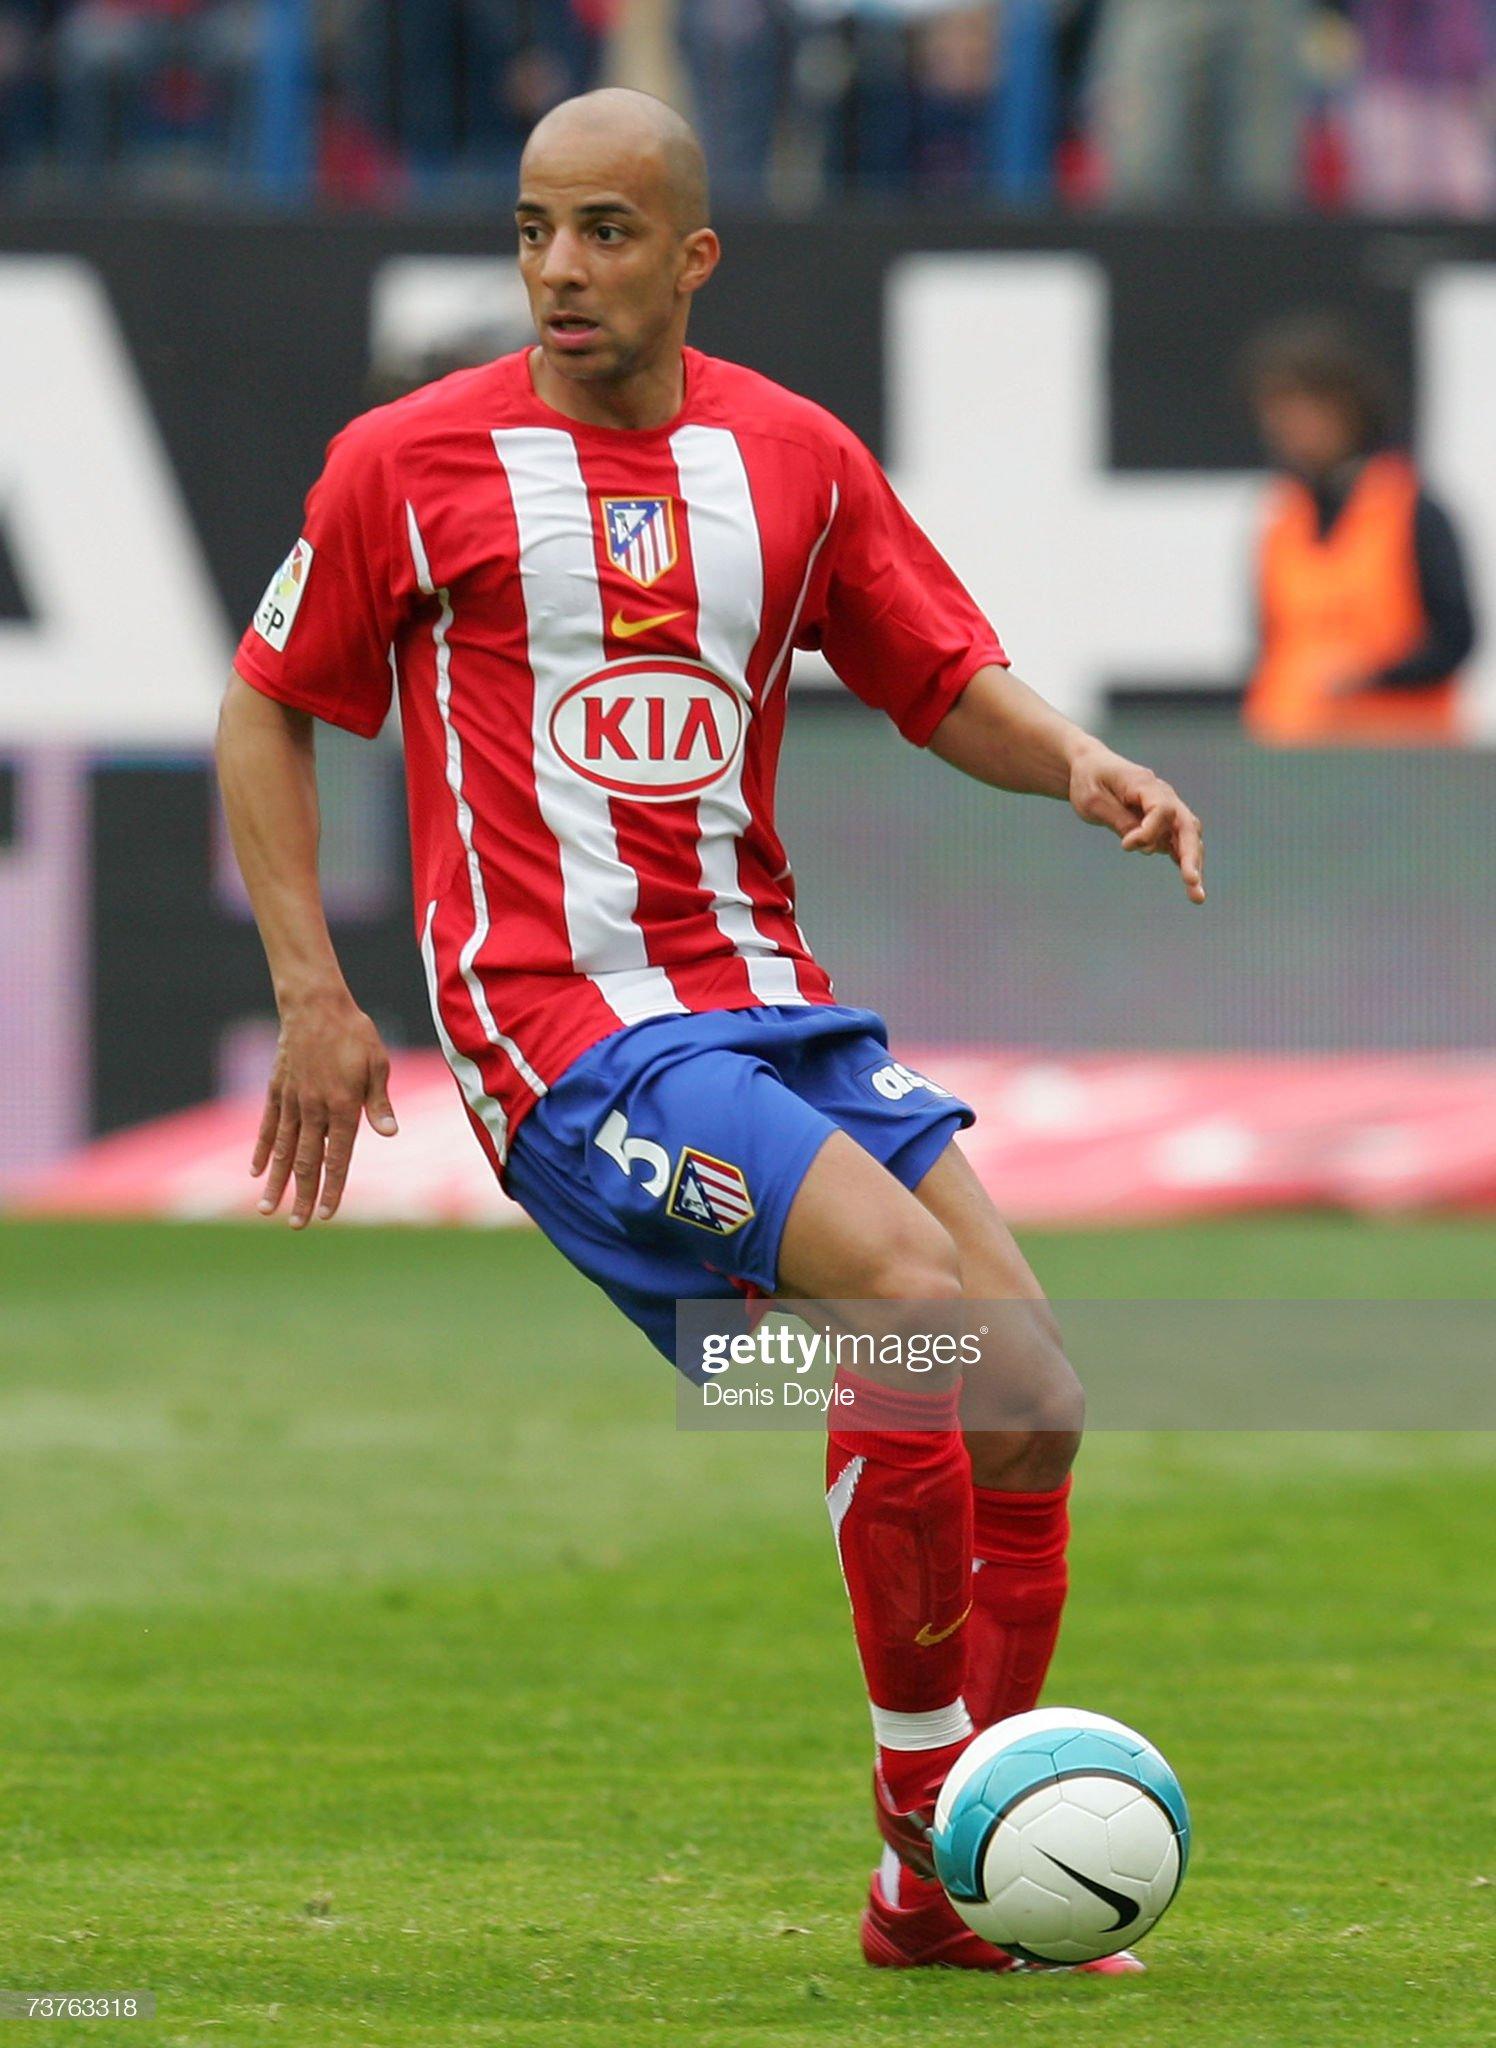 Famosos internacionales de ascendencia española - Página 2 Peter-luccin-of-atletico-madrid-in-action-during-the-primera-liga-picture-id73763318?s=2048x2048